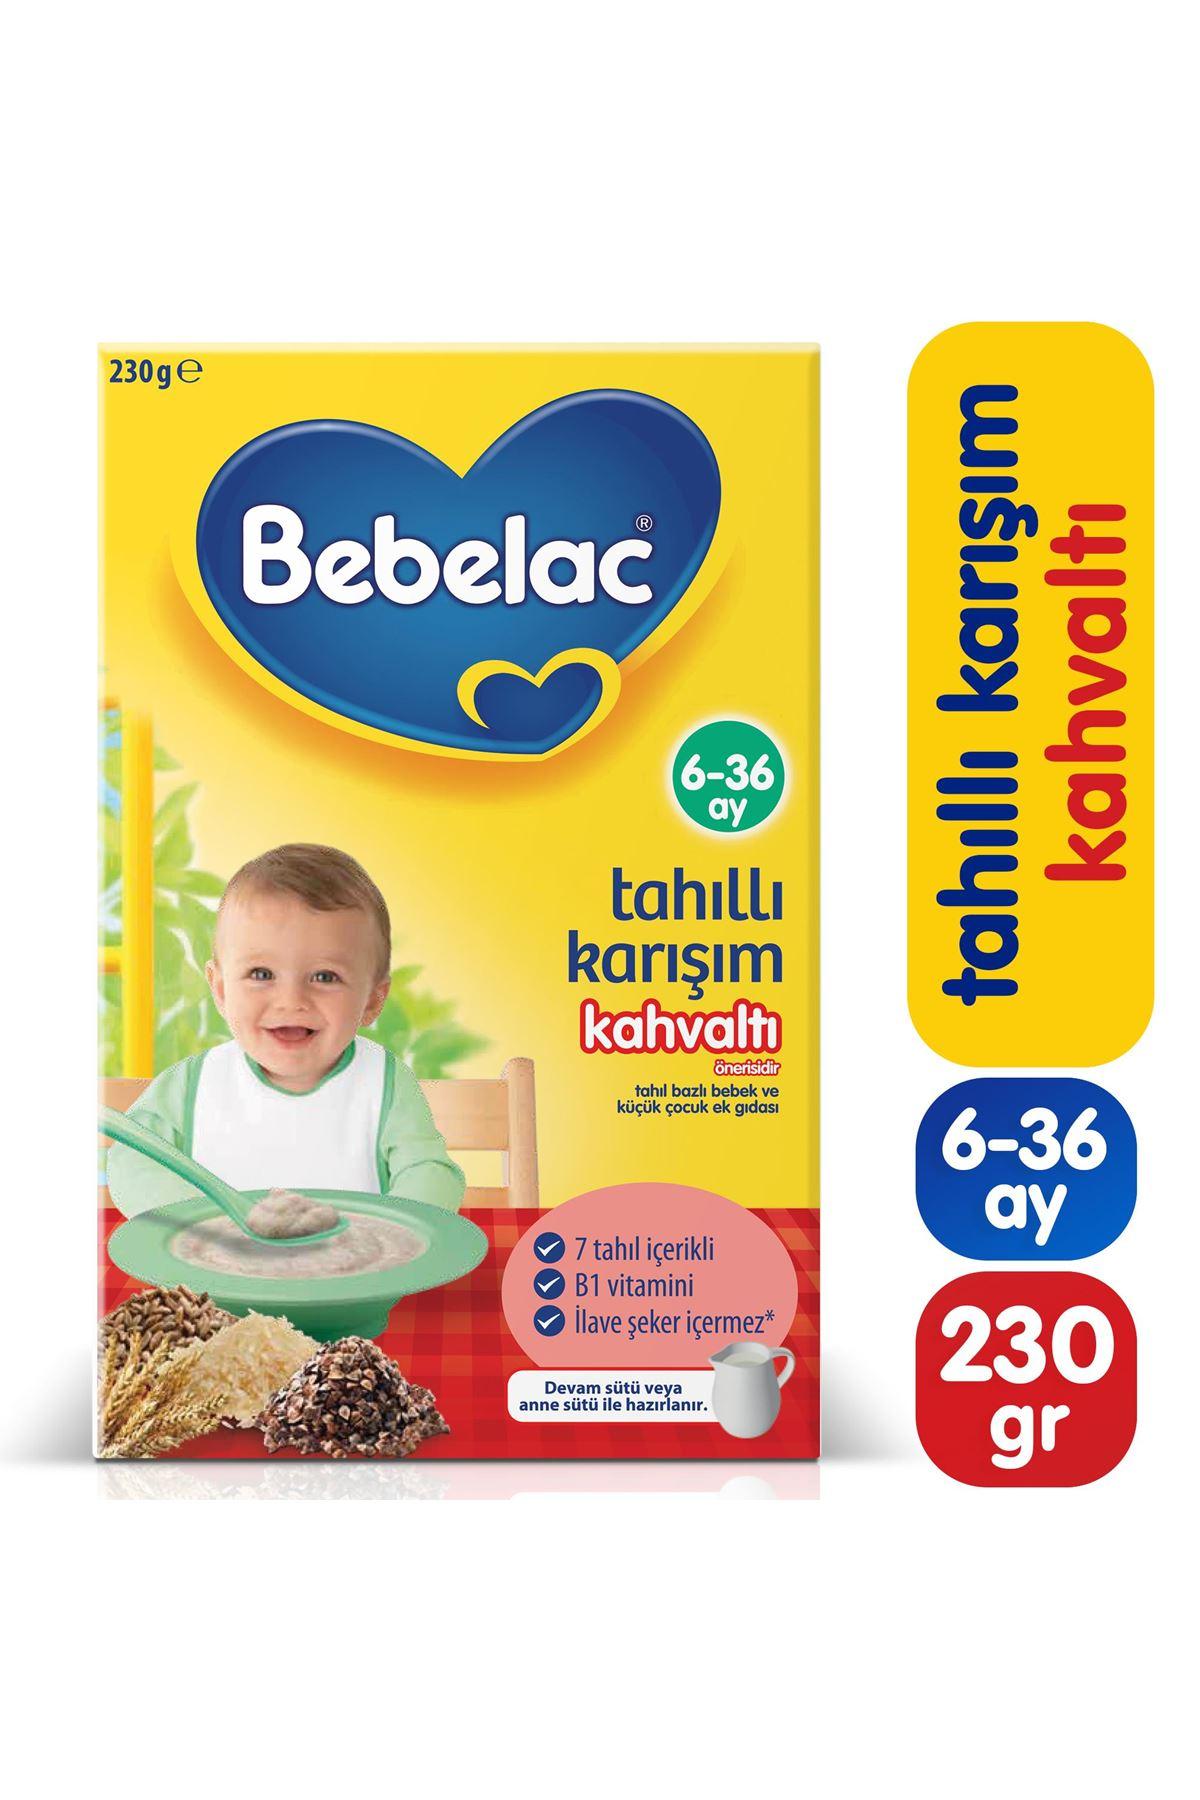 Bebelac Tahıllı Karışım Kahvaltı Kaşık Maması 230 Gr